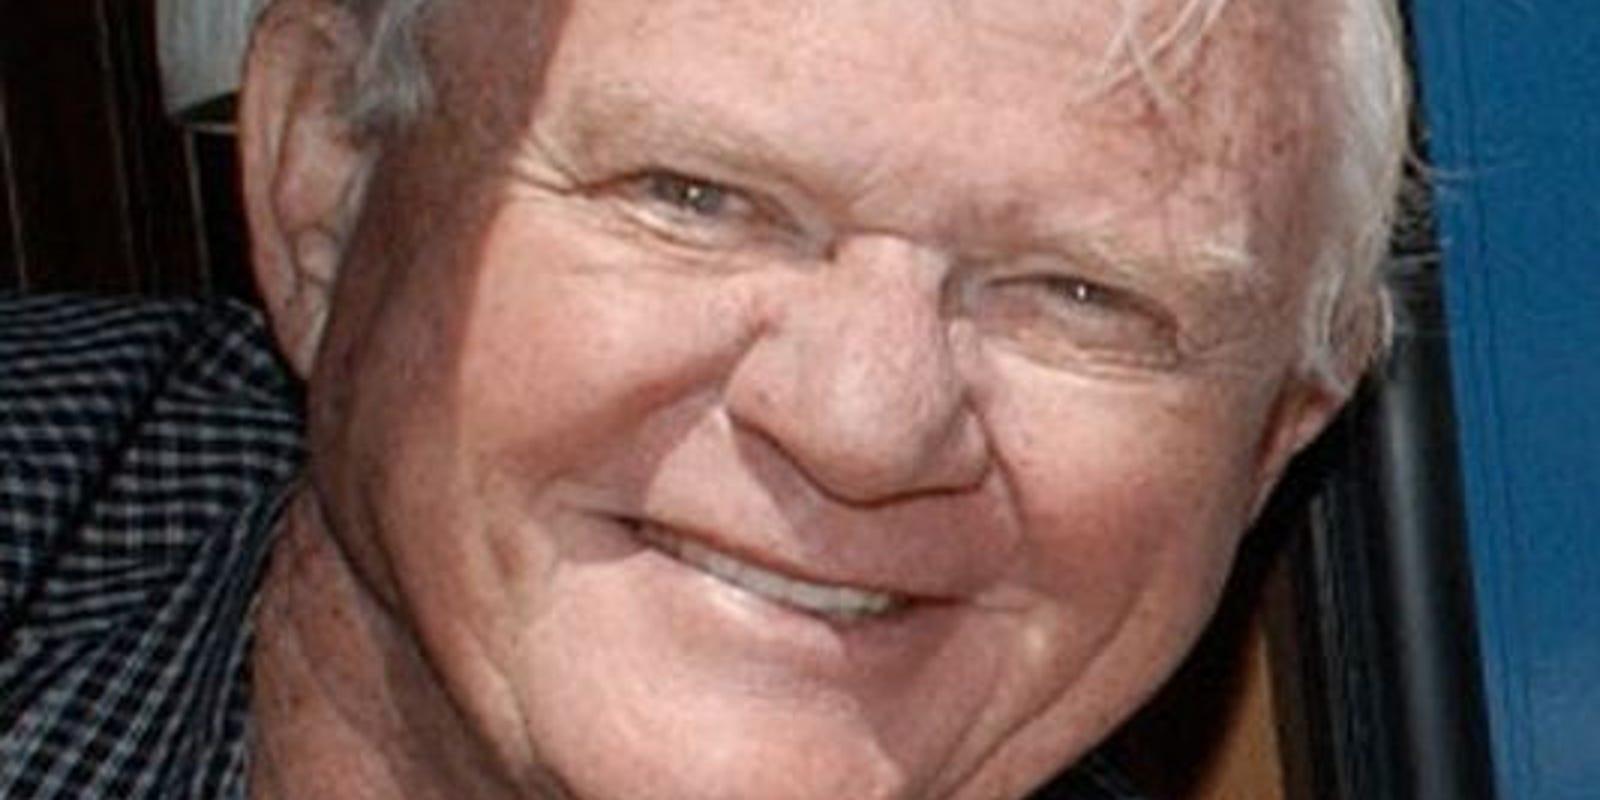 Allen Warwick Porn martin milner, 'adam-12' star, dies at 83